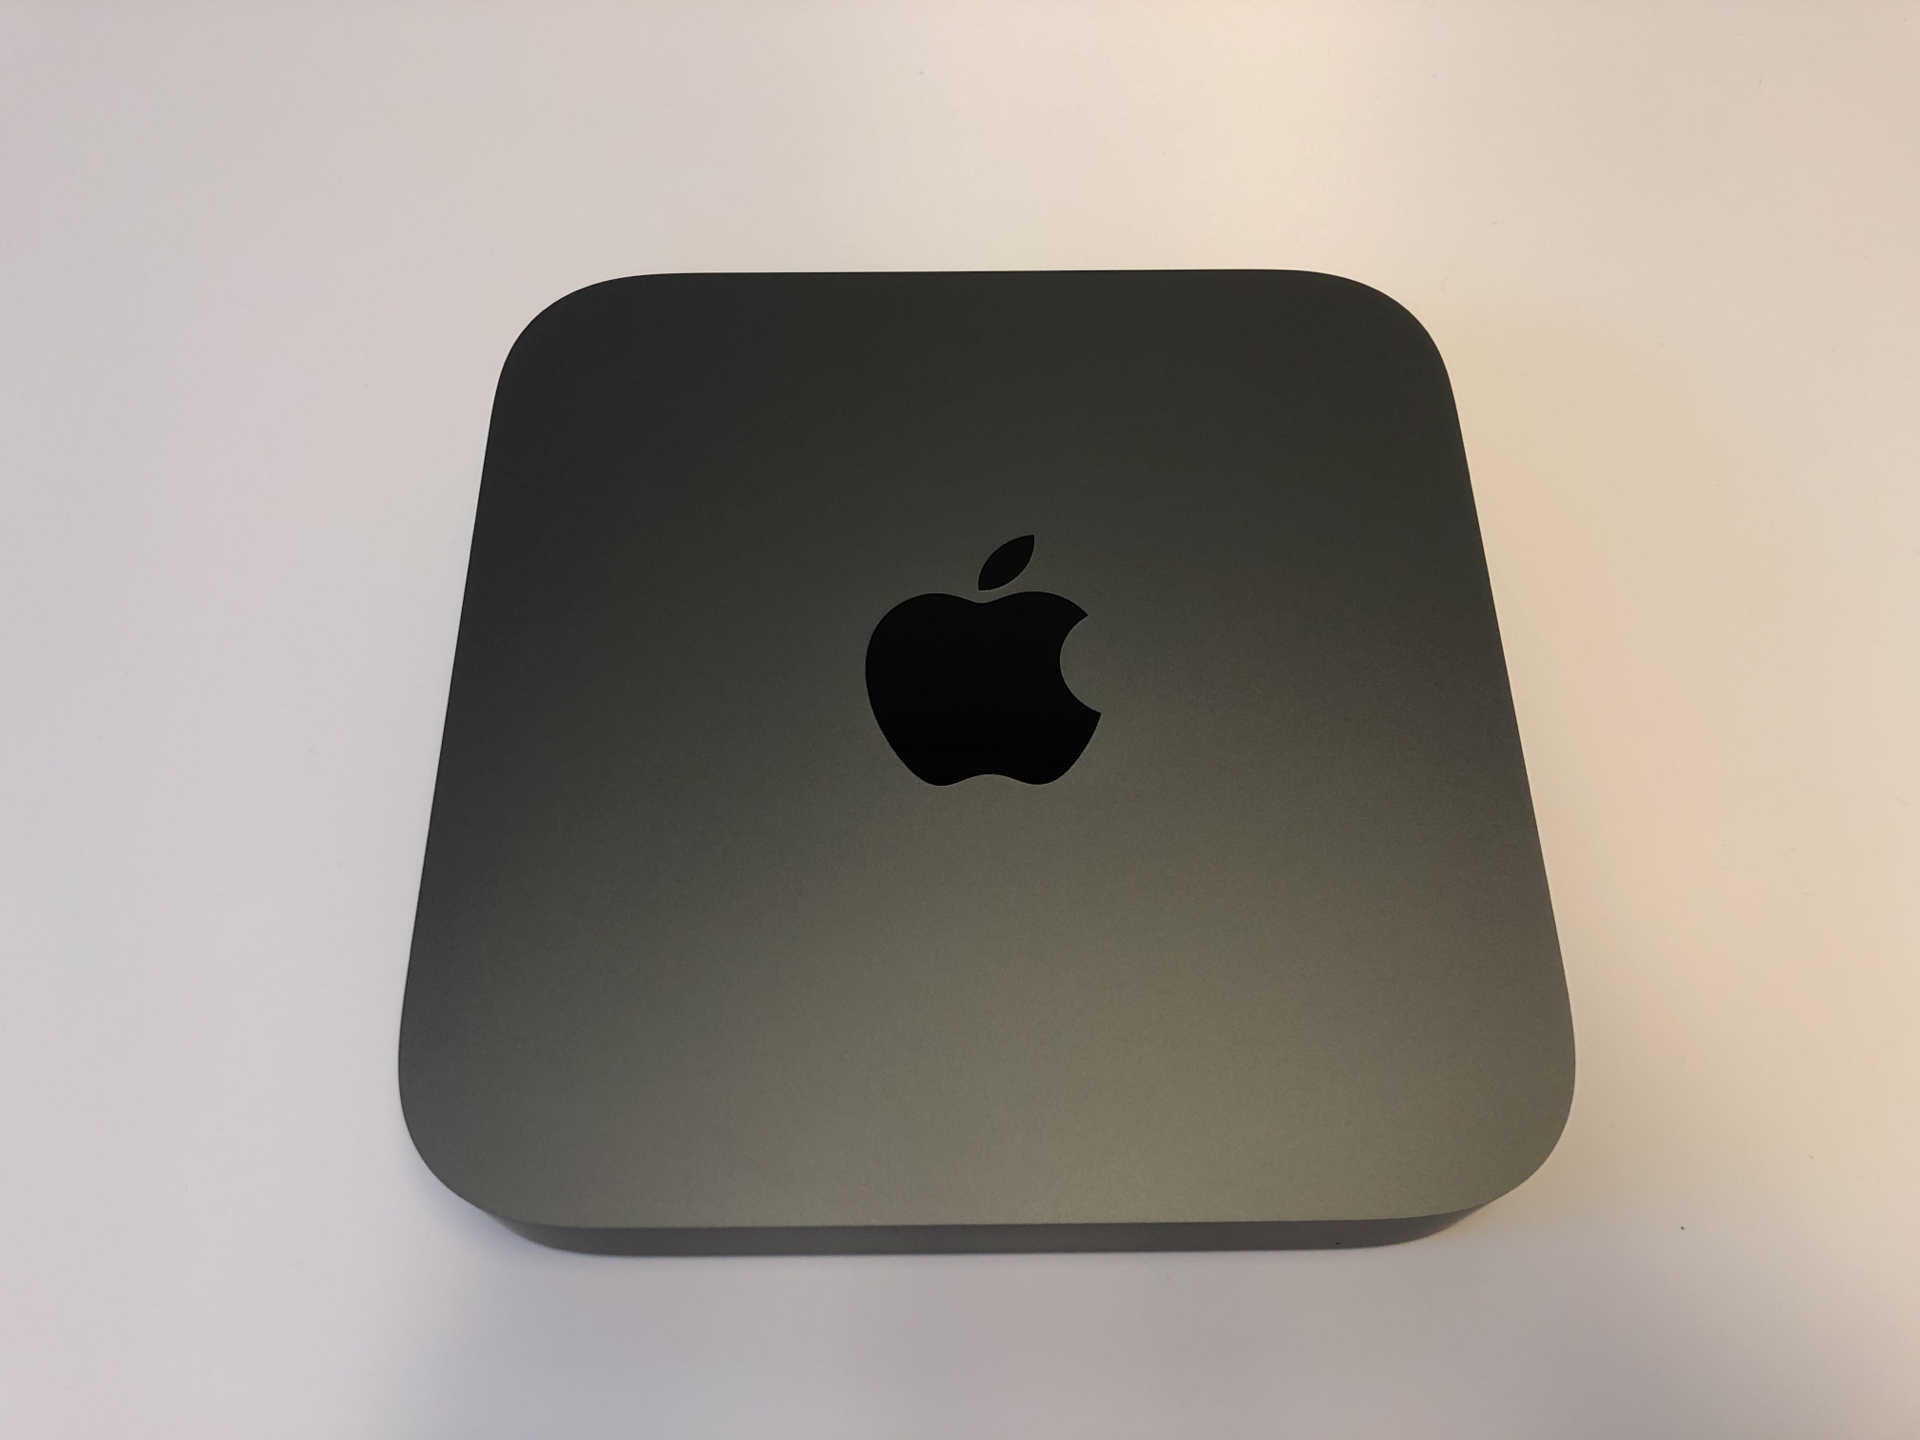 Mac Mini Late 2018 (Intel Quad-Core i3 3.6 GHz 8 GB RAM 128 GB SSD), Intel Quad-Core i3 3.6 GHz, 8 GB RAM, 128 GB SSD, Bild 1